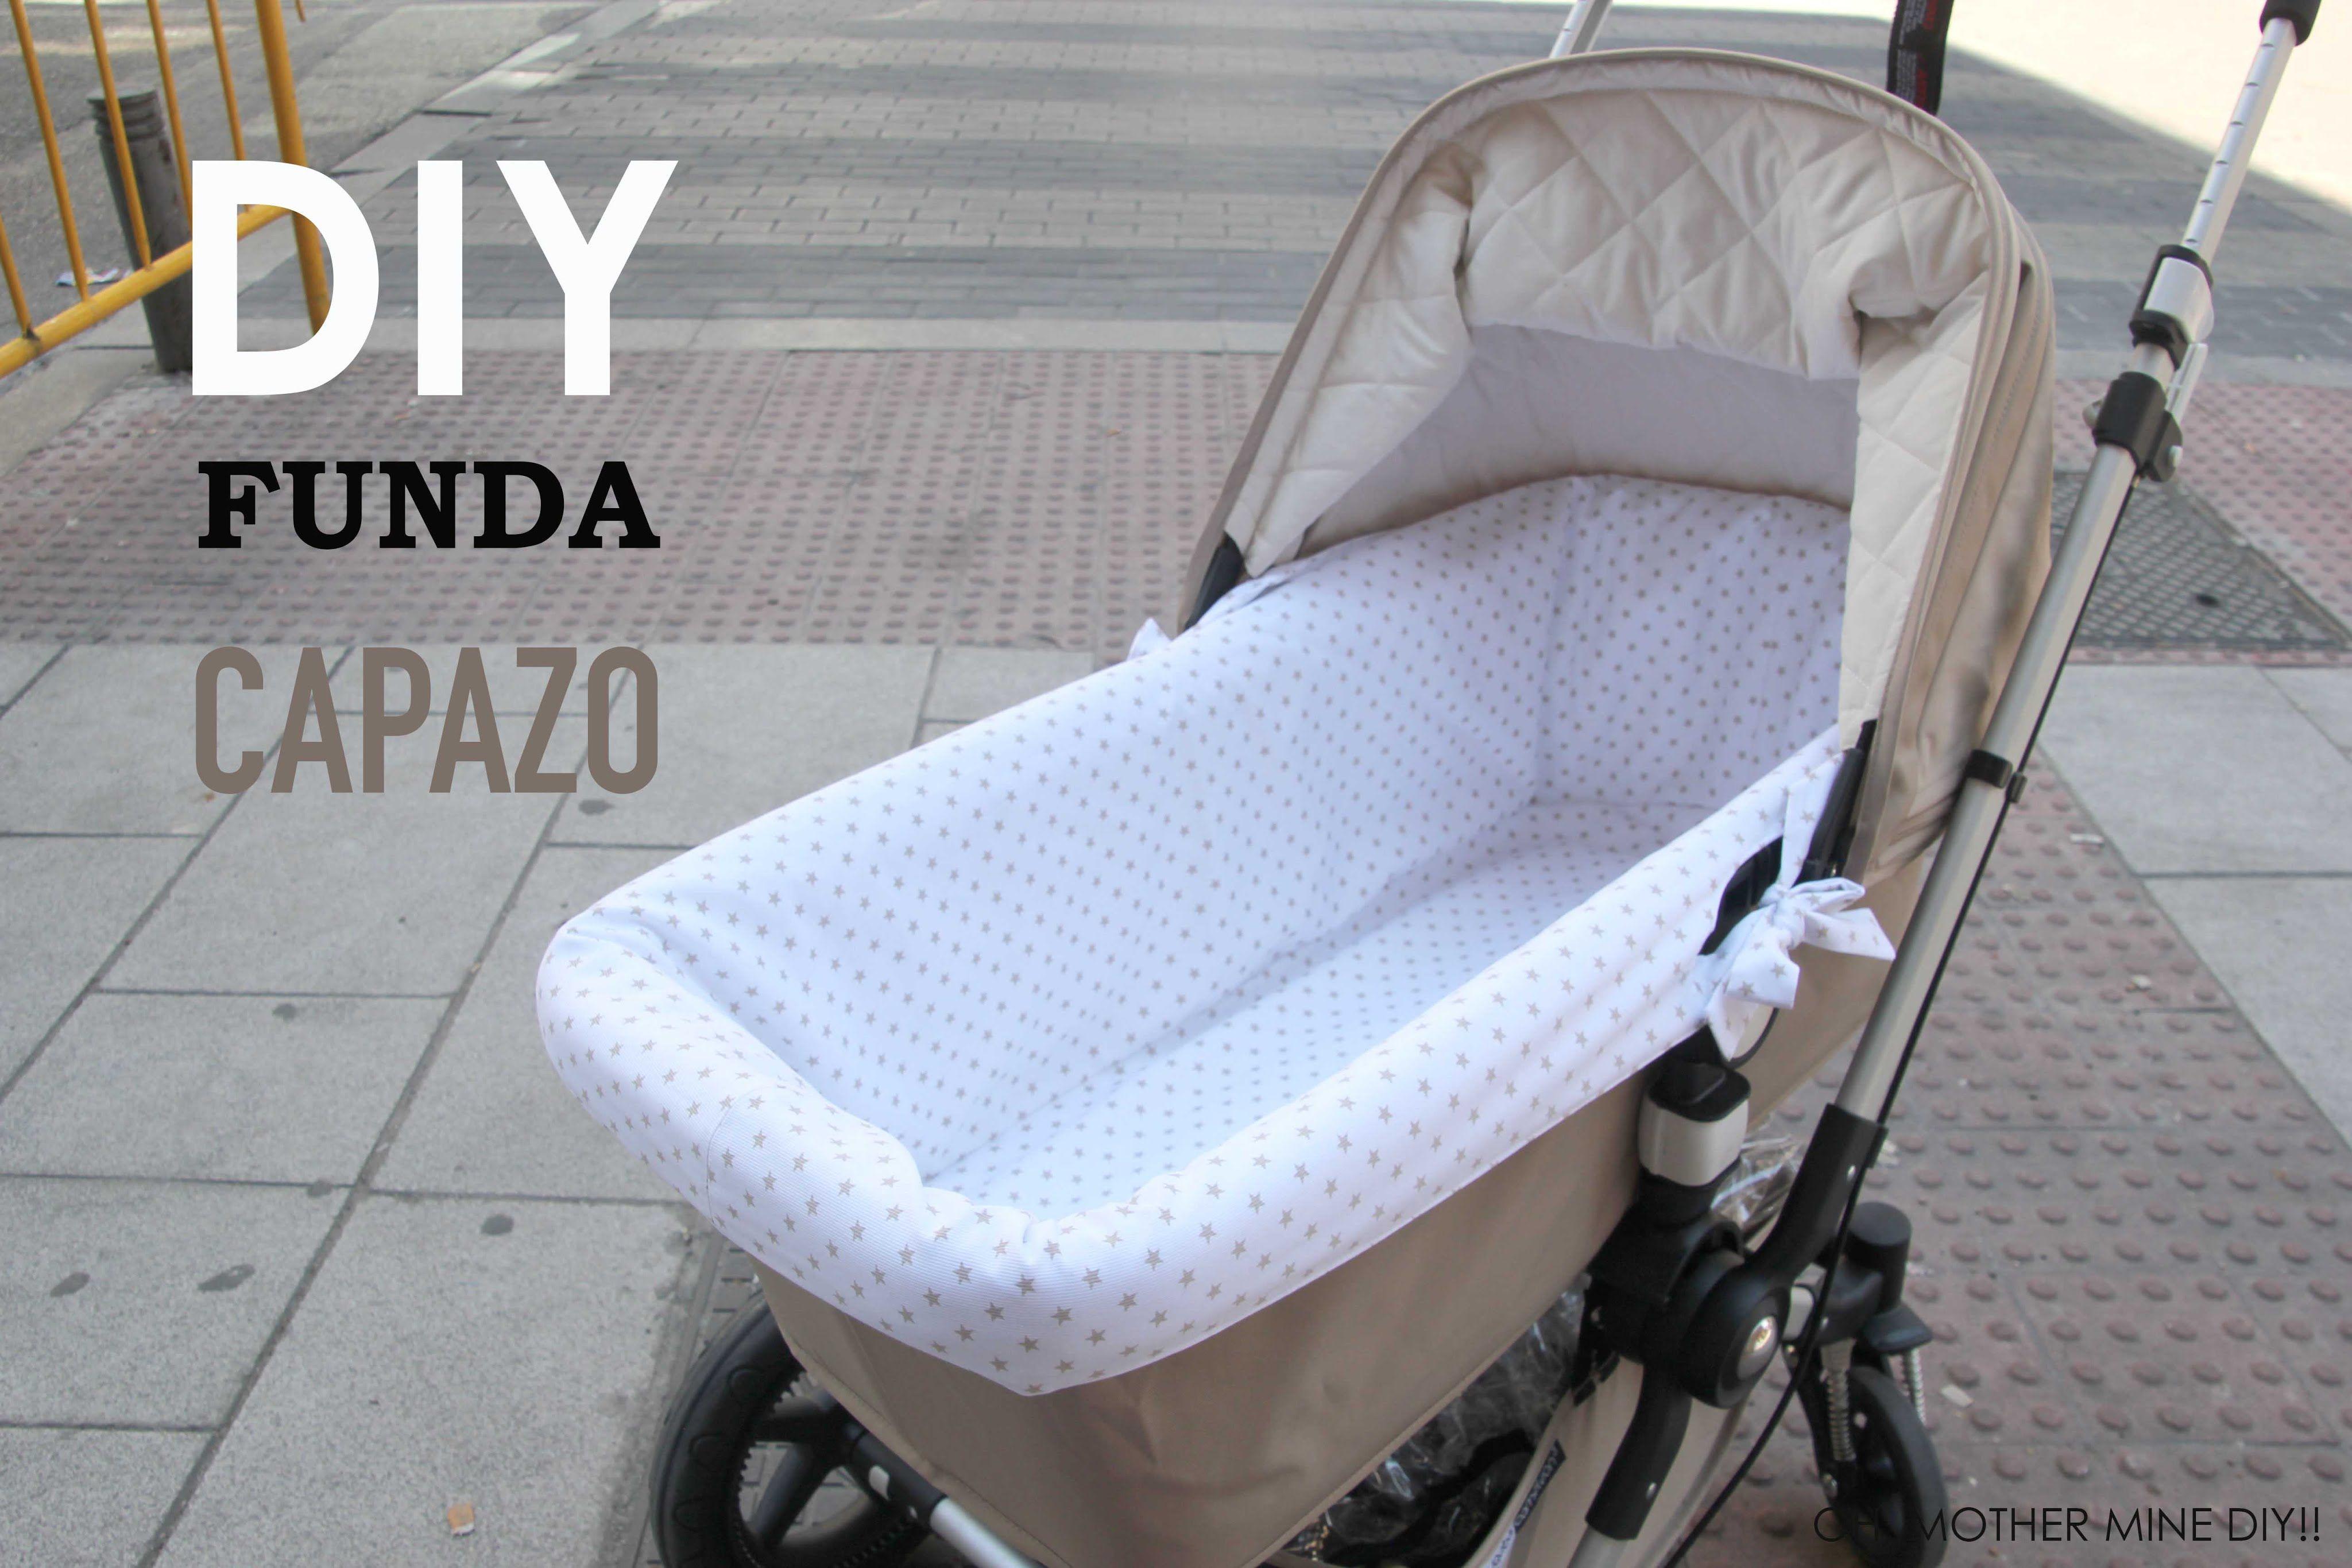 0431c6962 DIY Tutorial de funda para carrito de bebe: como hacer paso a paso esta  funda de capazo bugaboo. Los patrones los tenéis disponibles y gratis en el  blog.